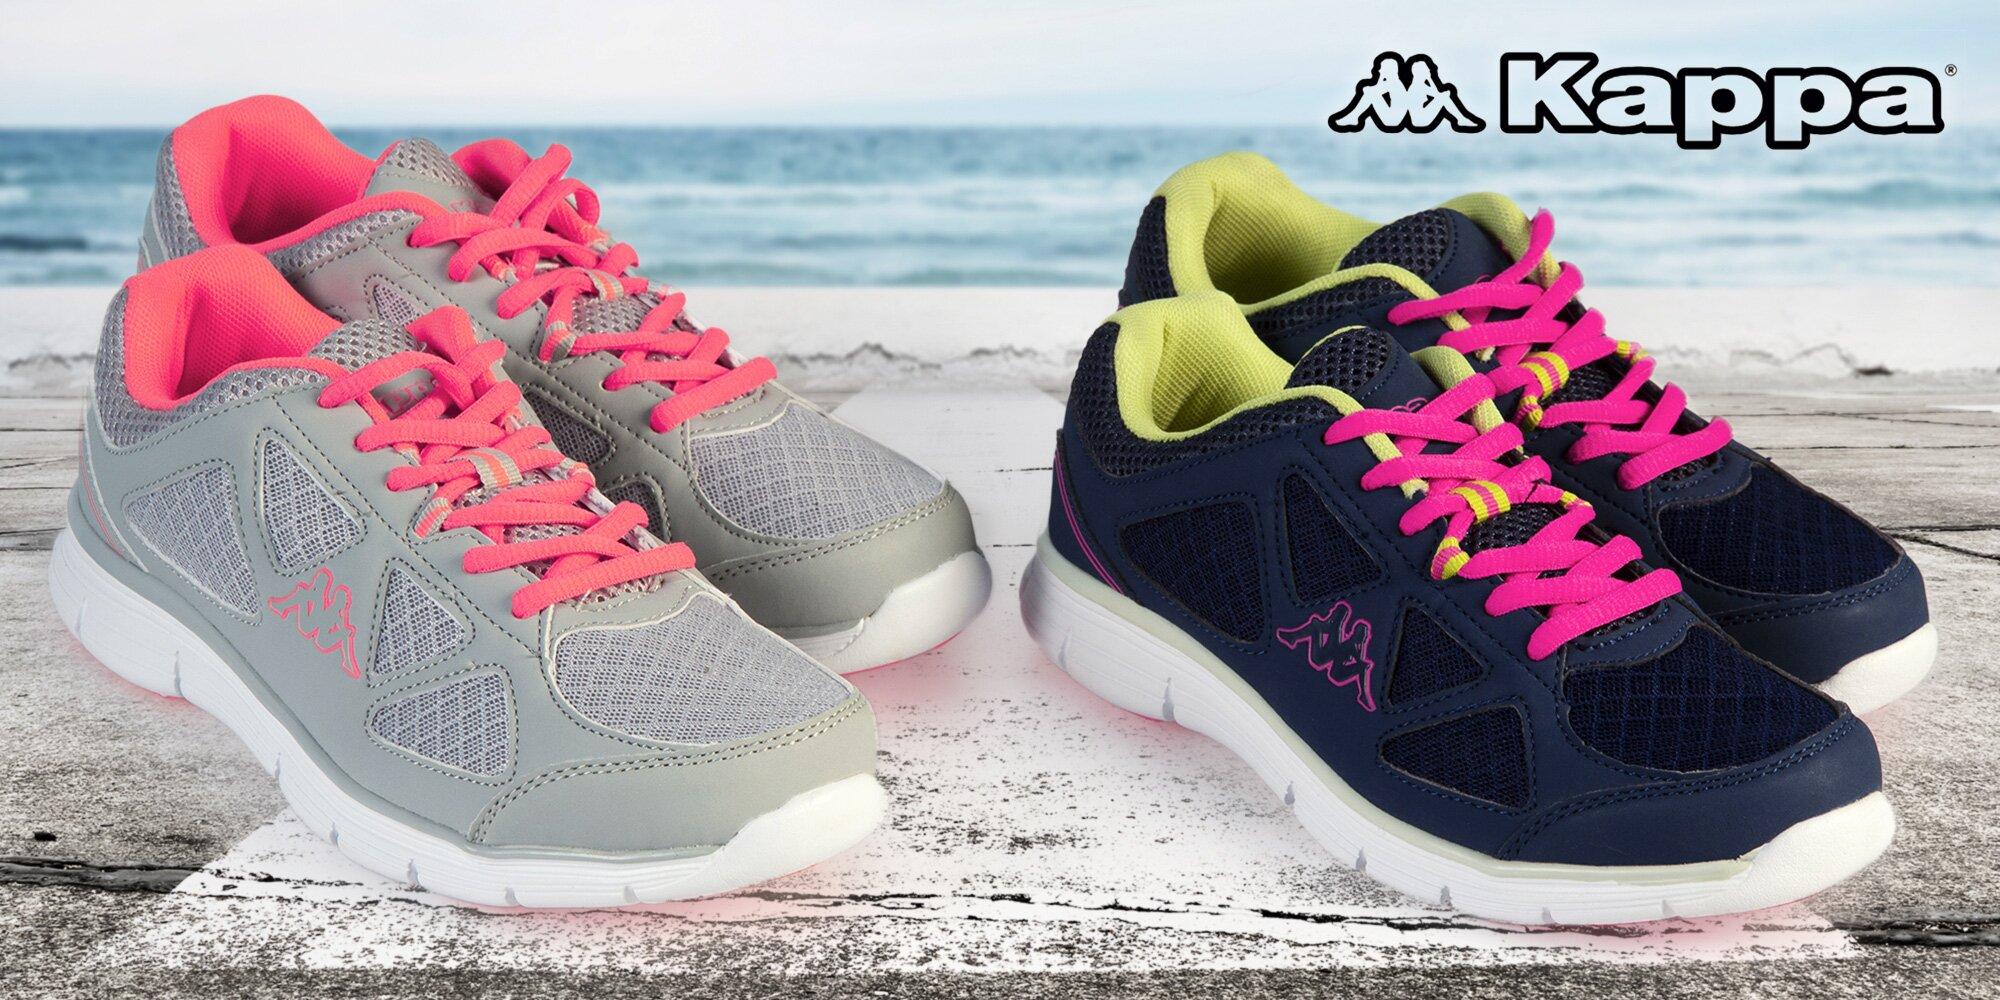 Dámské tréninkové sportovní boty Kappa  7b3eb4d2c3